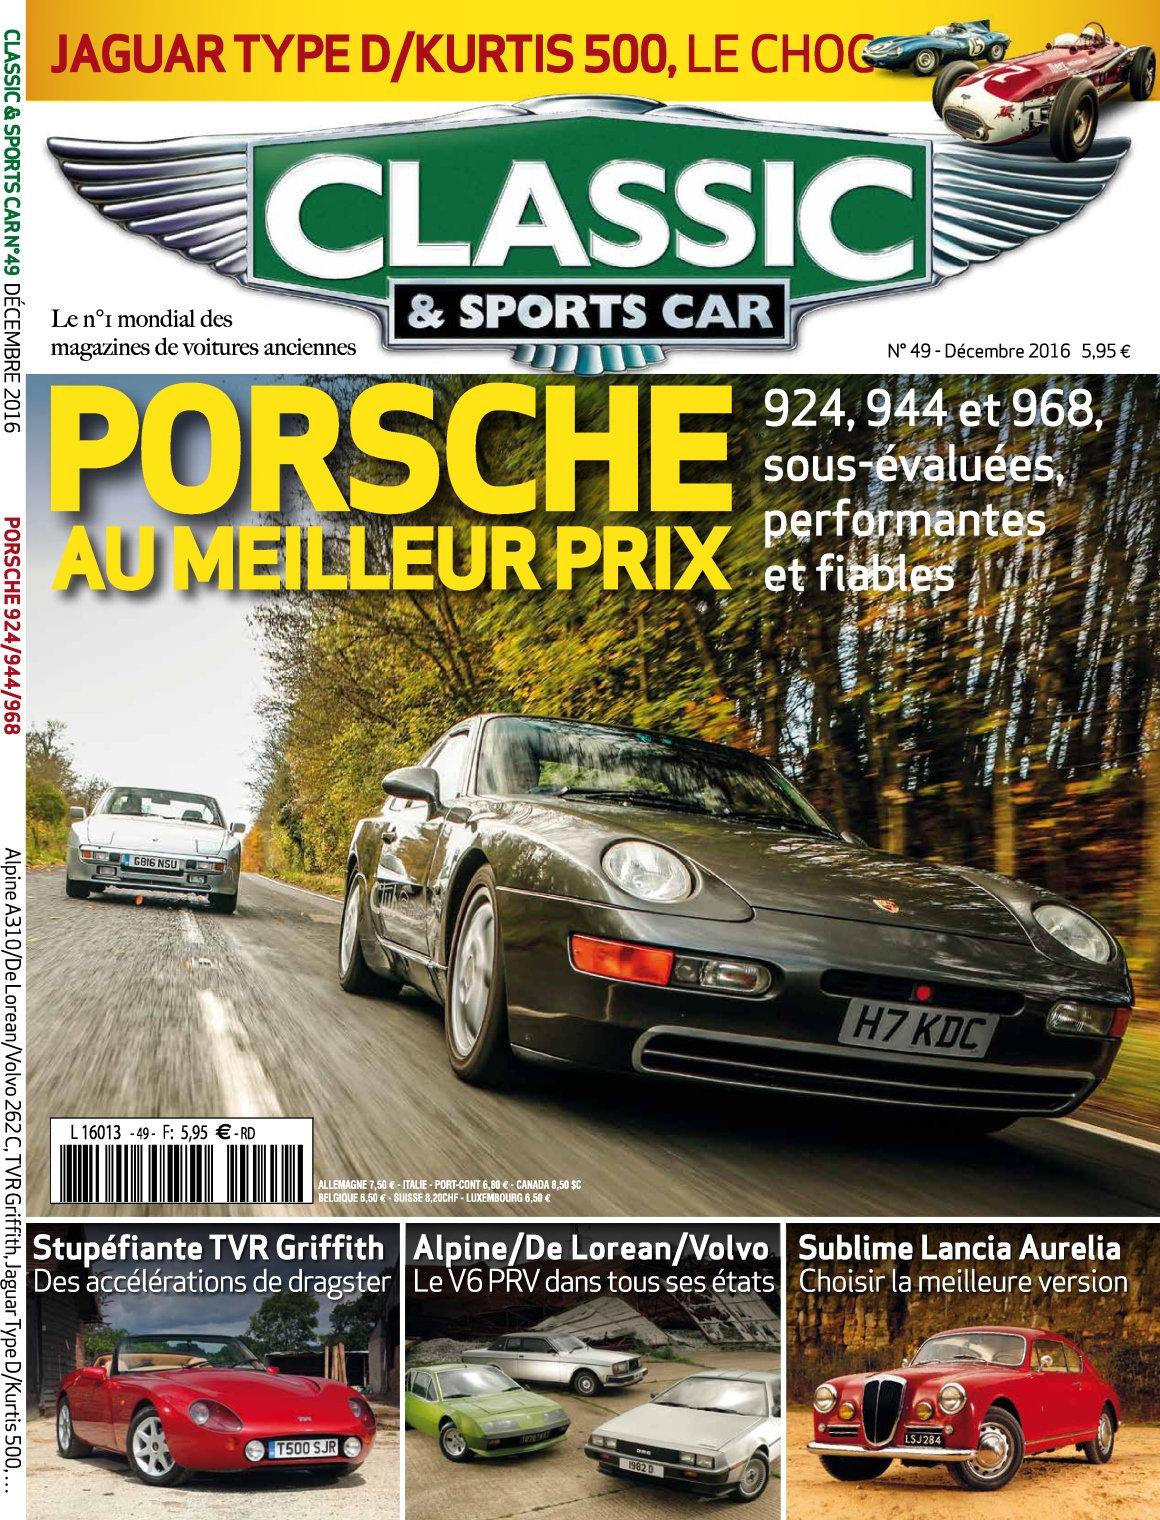 Classic & Sports Car 49 - Décembre 2016